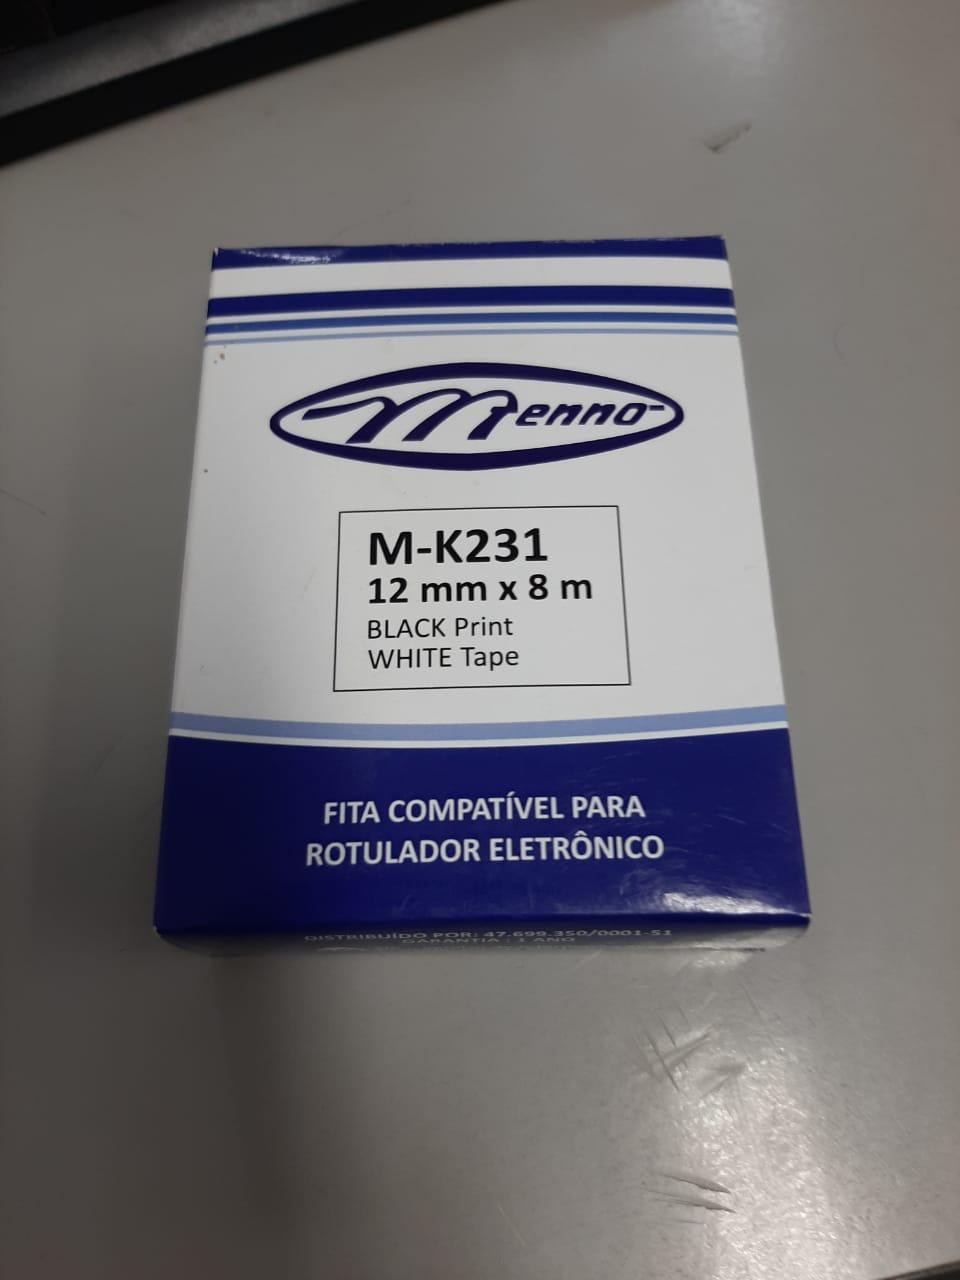 FITA ROTULADOR 12MMX8M BRANCA ESCRITA EM PRETO MK231 MENNO